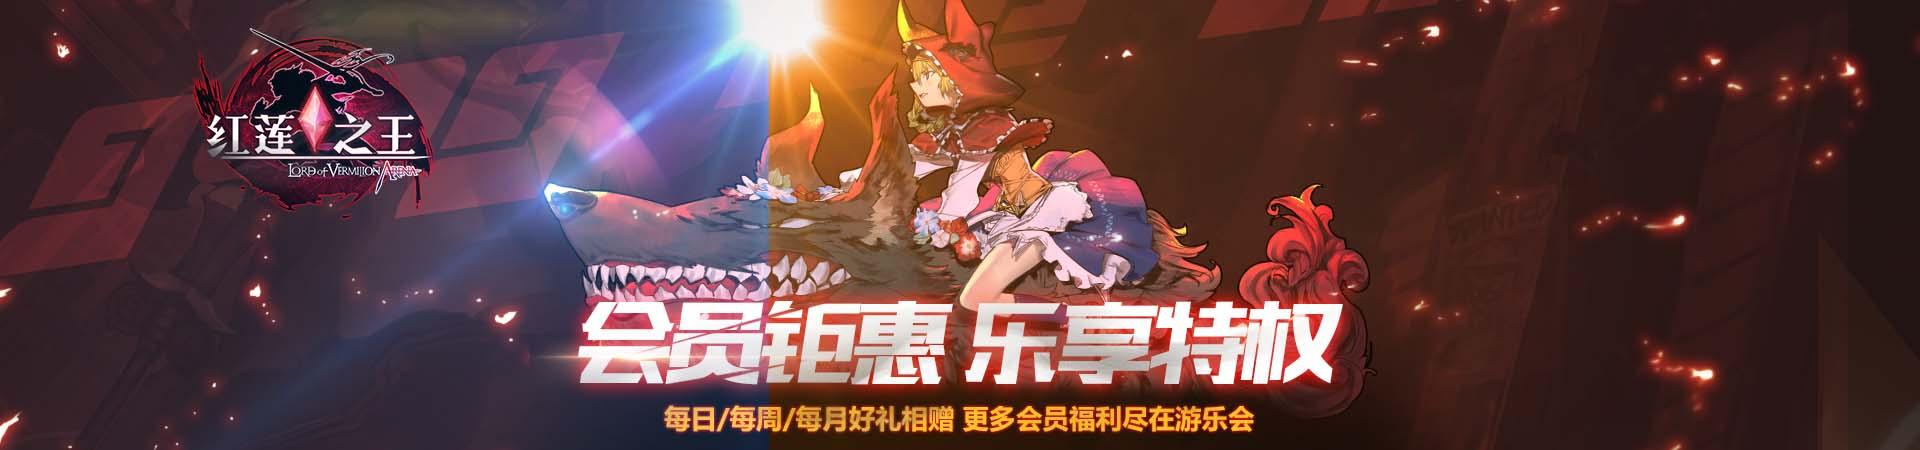 《红莲之王》游乐会特权福利开启